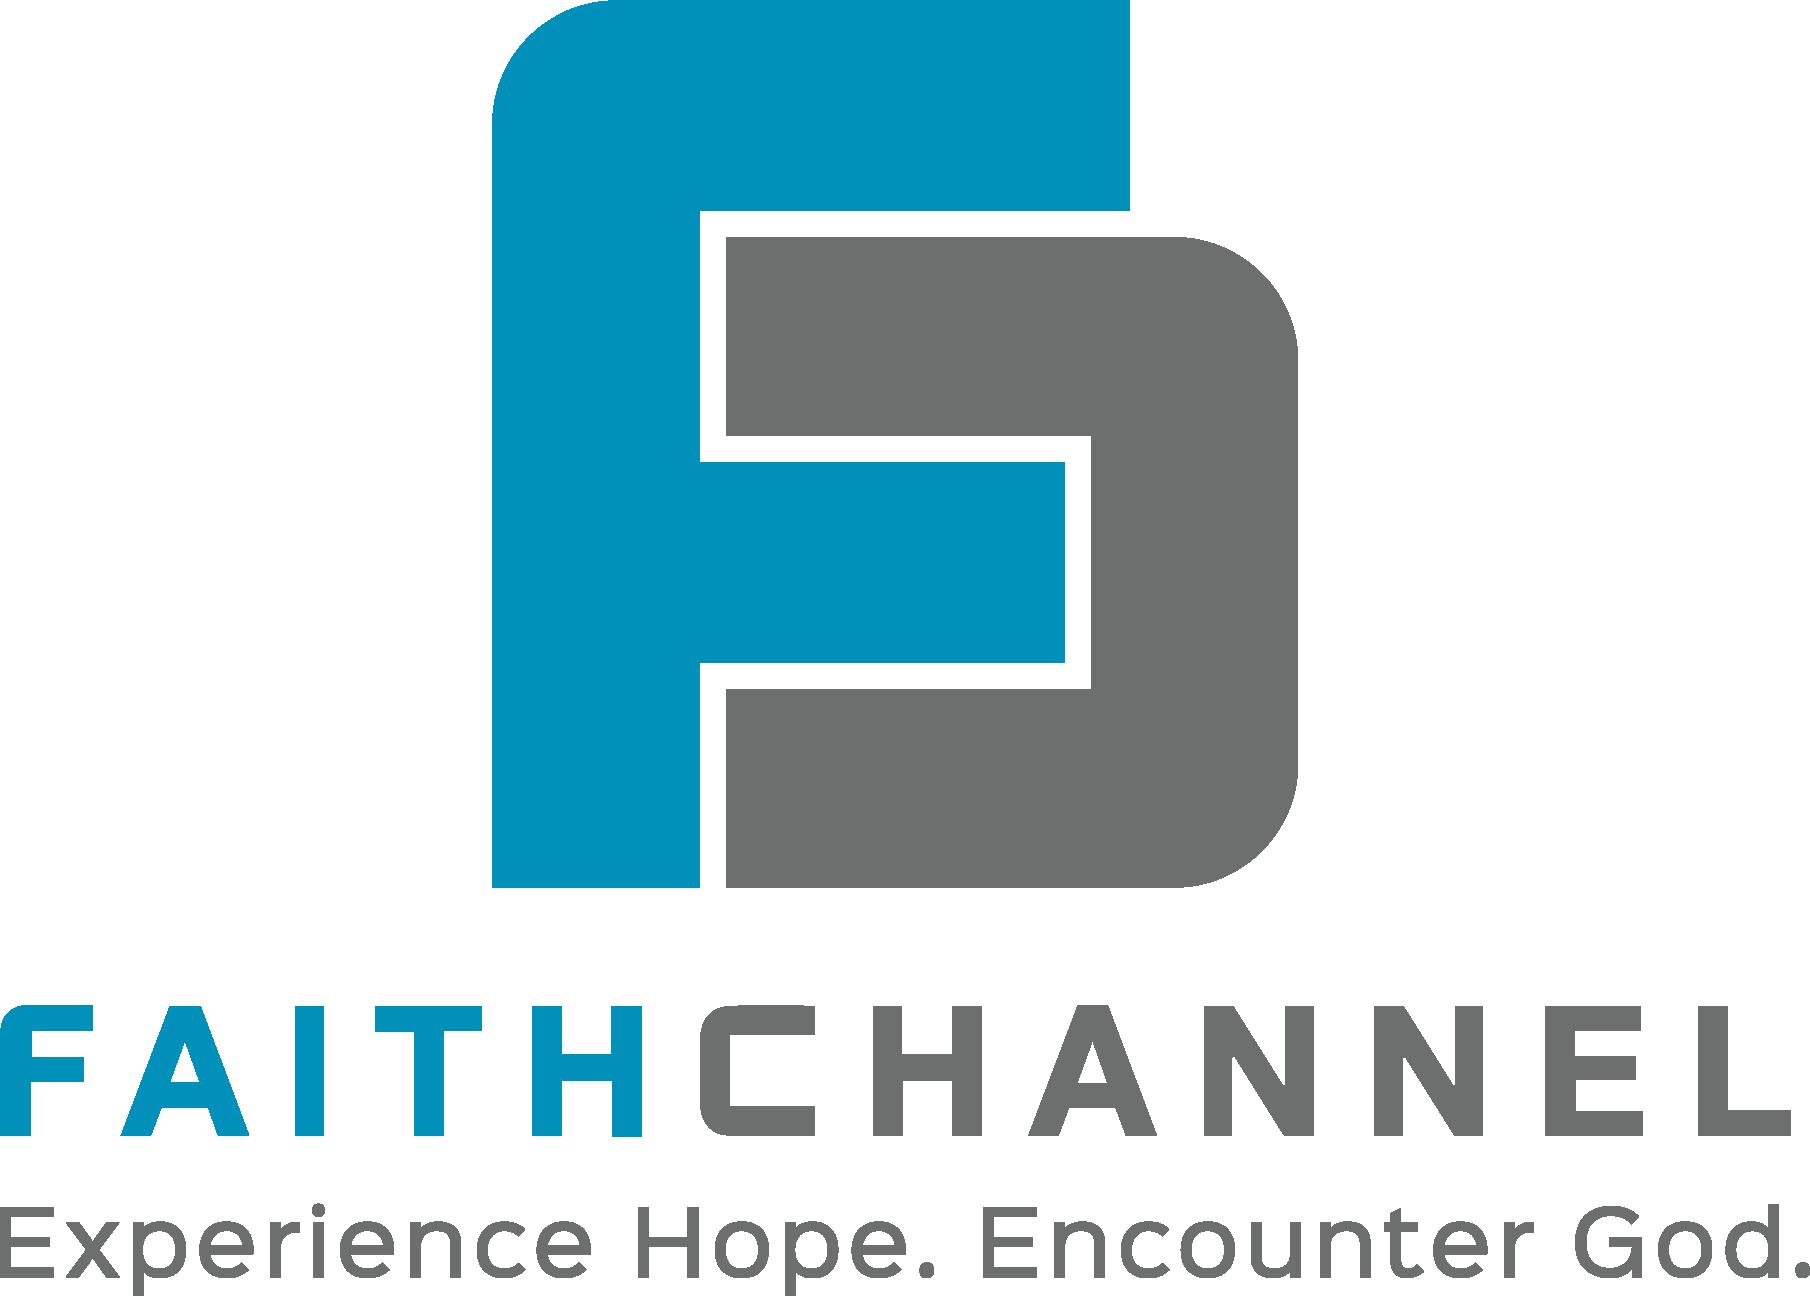 FaithChannel